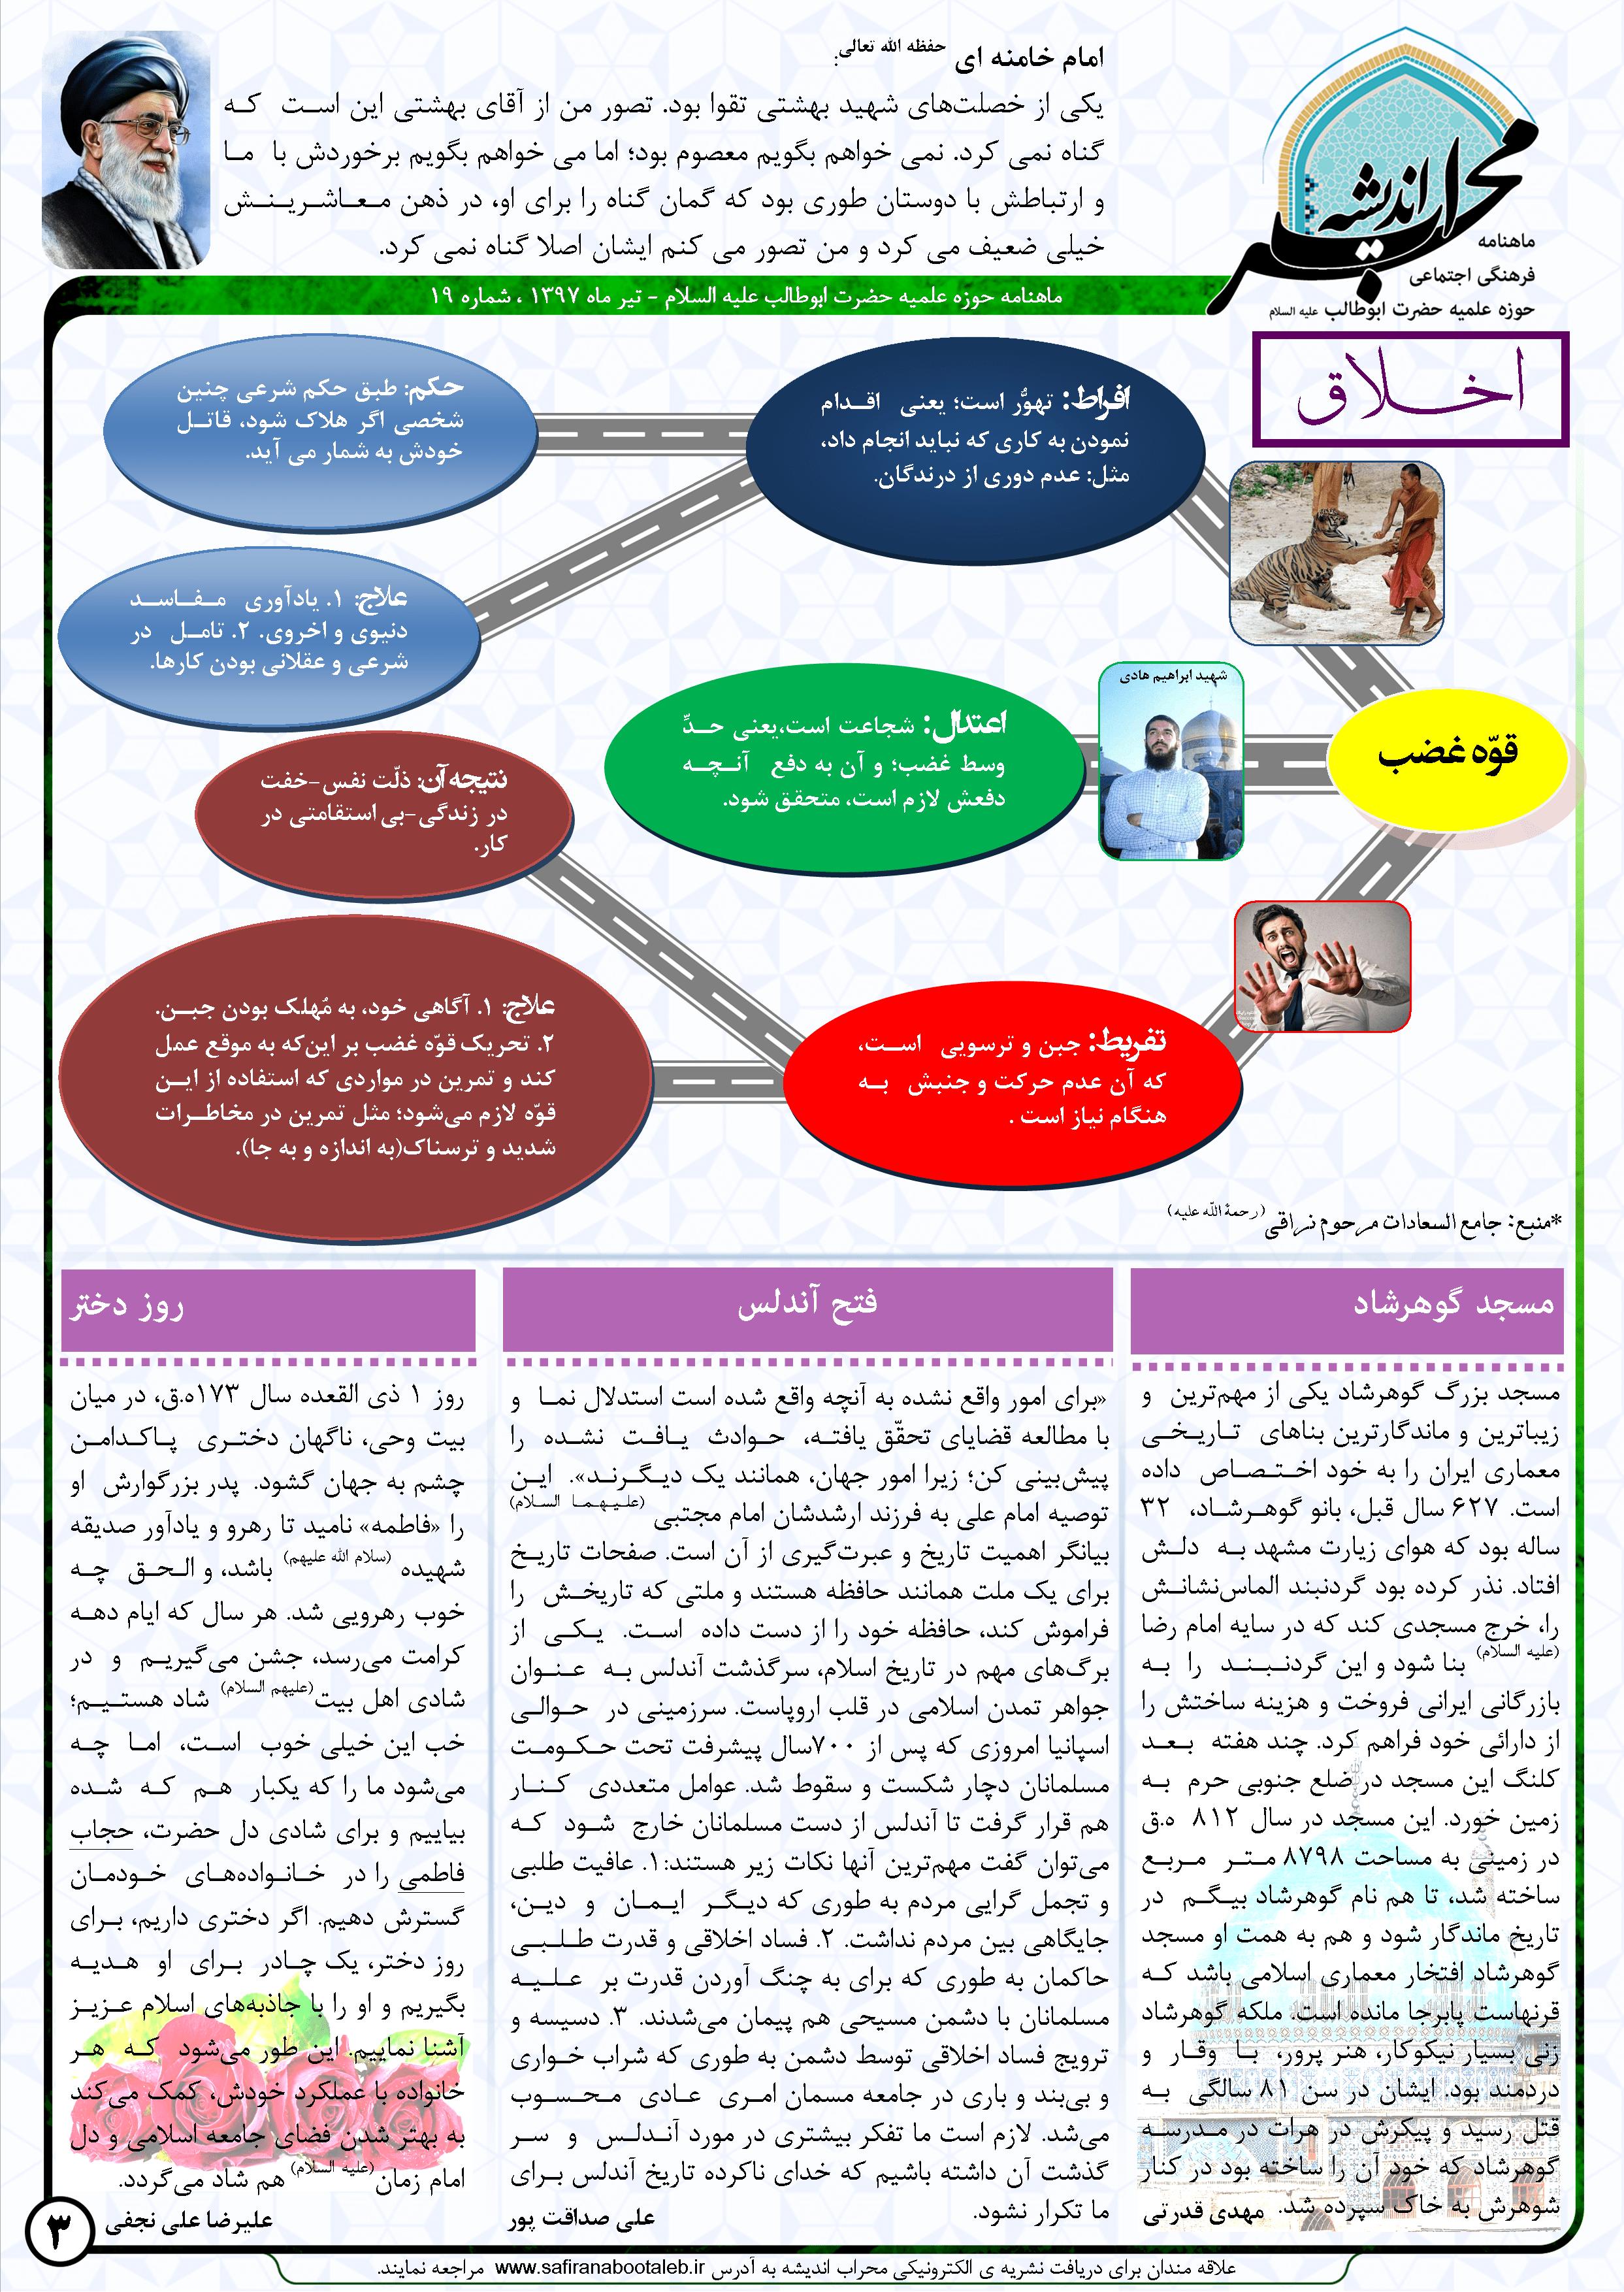 نشریه محراب اندیشه شماره نوزدهم